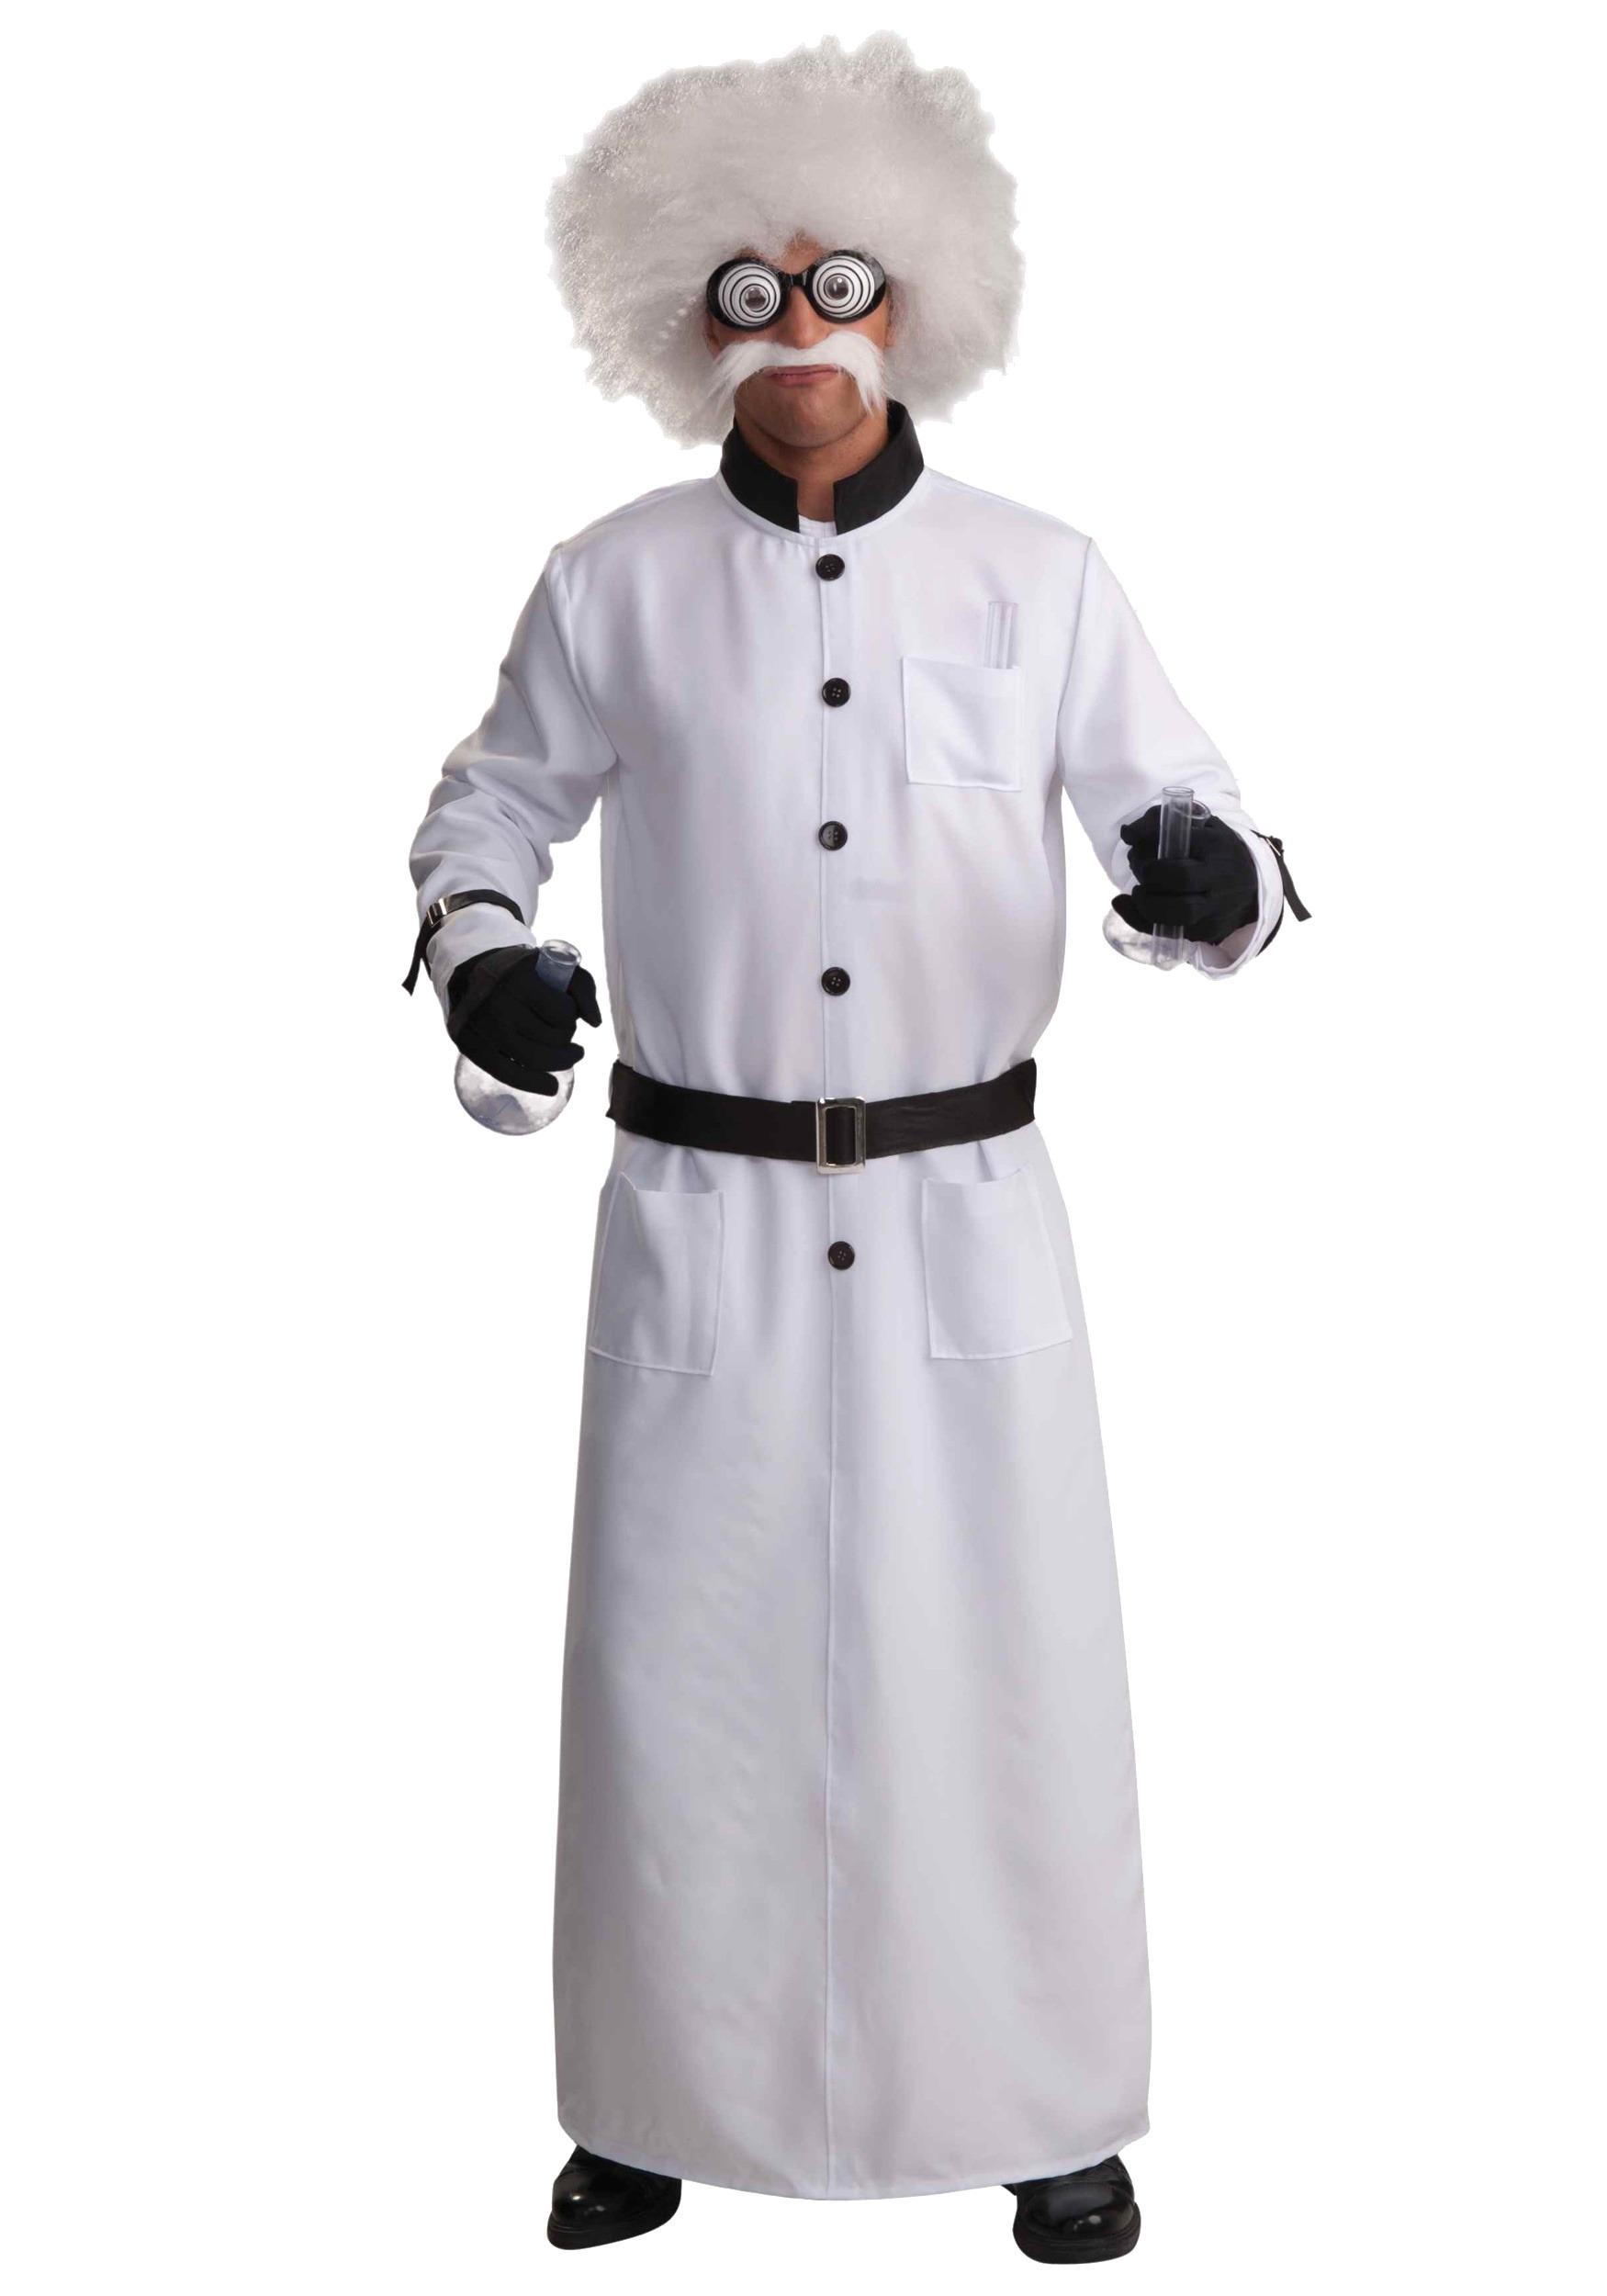 Mad Scientist Lab Coat Costume Mad Scientist Costume